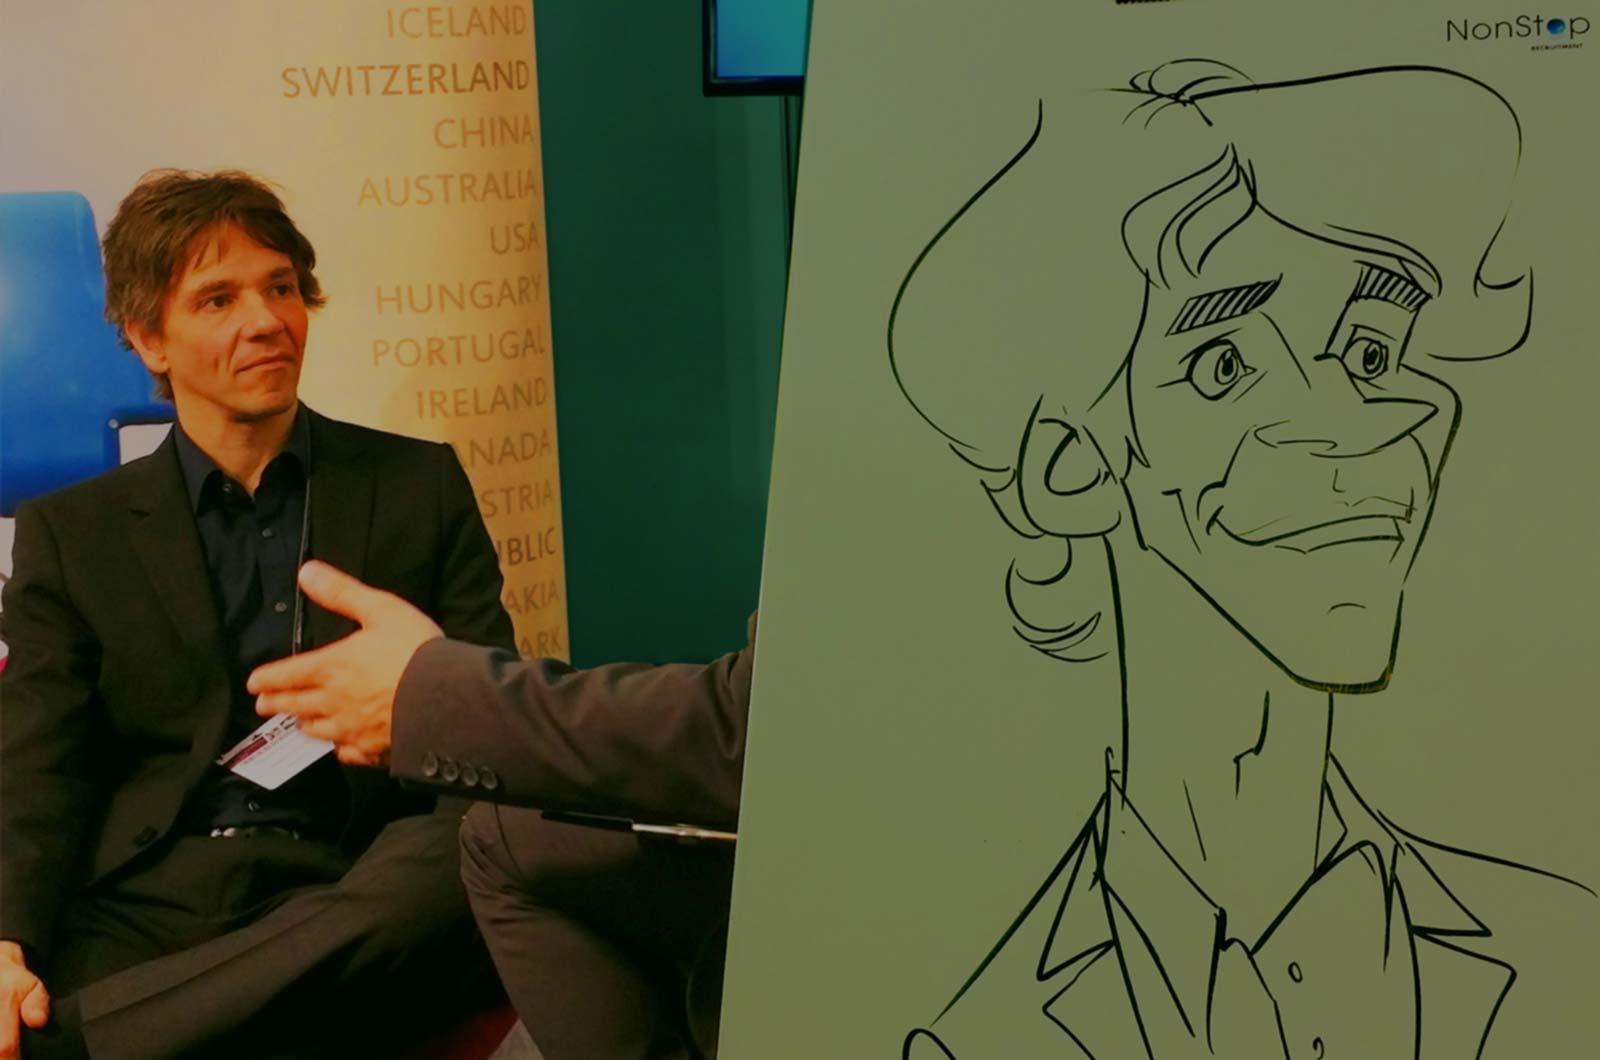 Karikaturist / Schnellzeichner für Messe